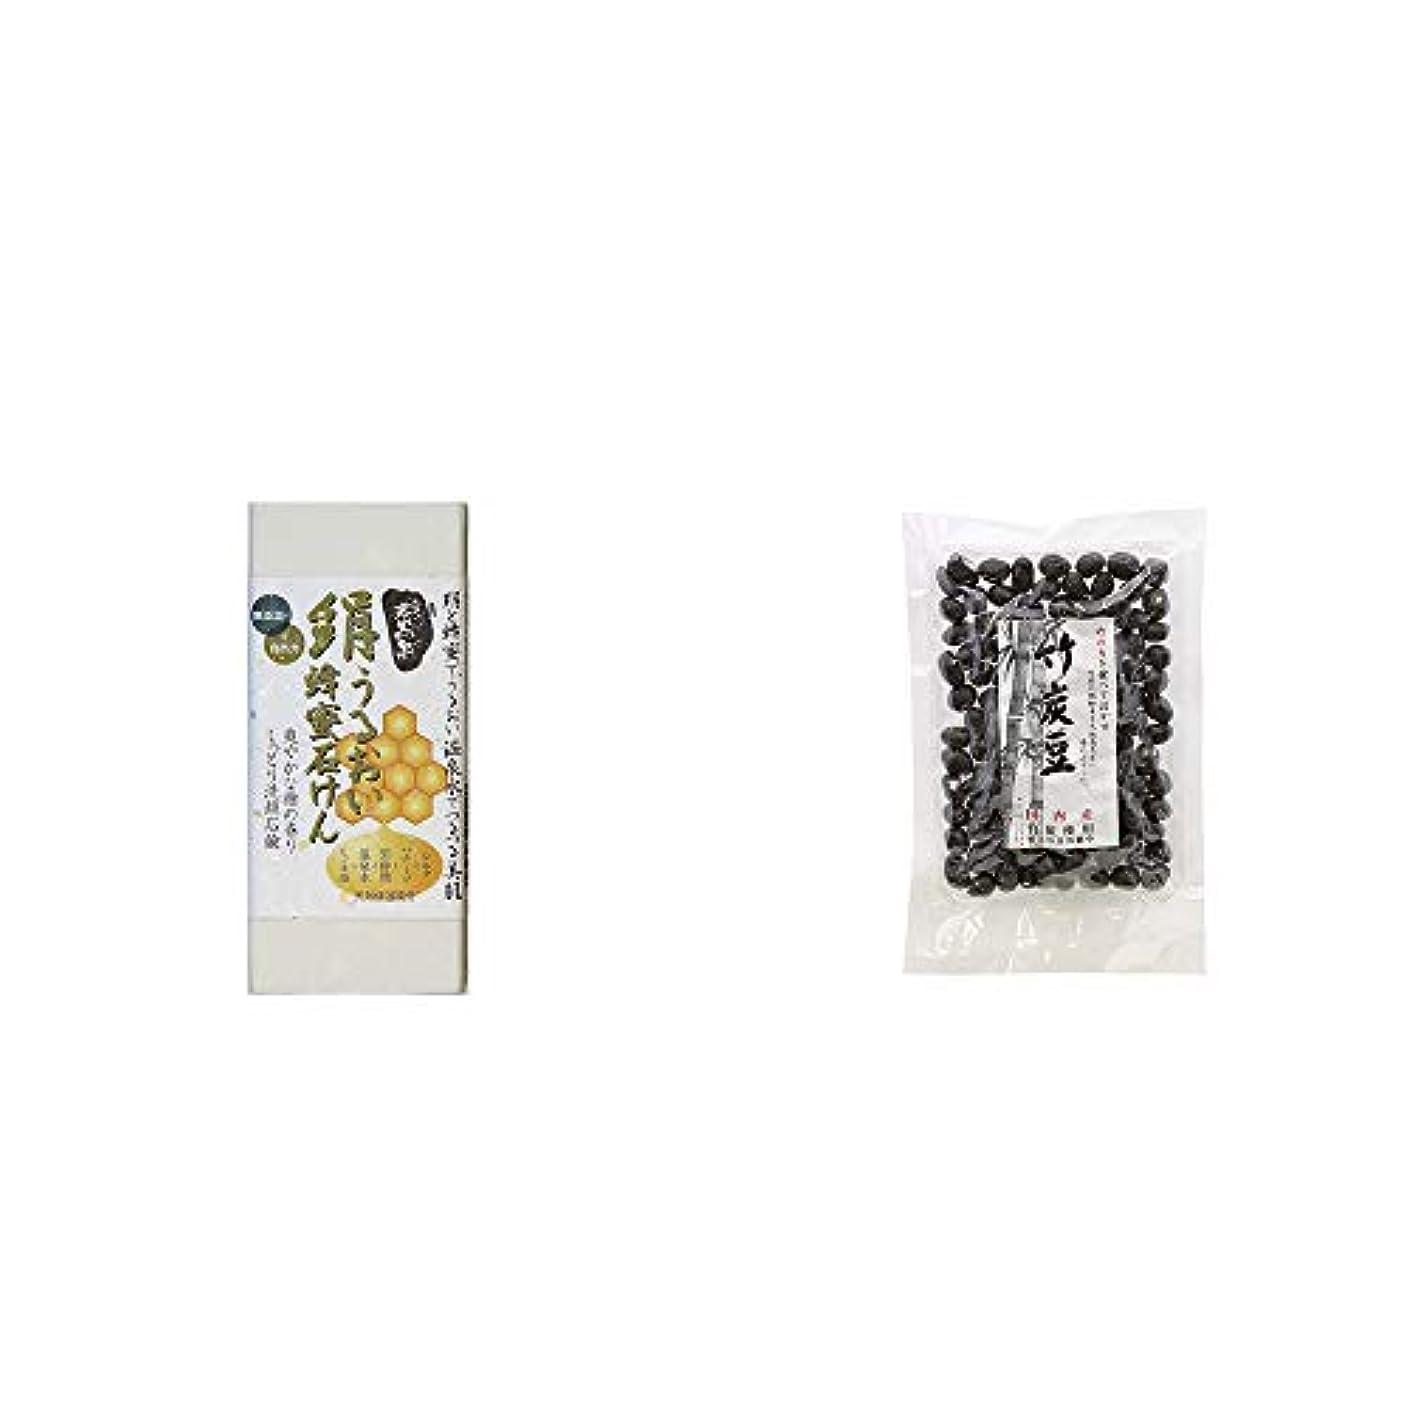 混沌委員会暫定[2点セット] ひのき炭黒泉 絹うるおい蜂蜜石けん(75g×2)?国内産 竹炭使用 竹炭豆(160g)